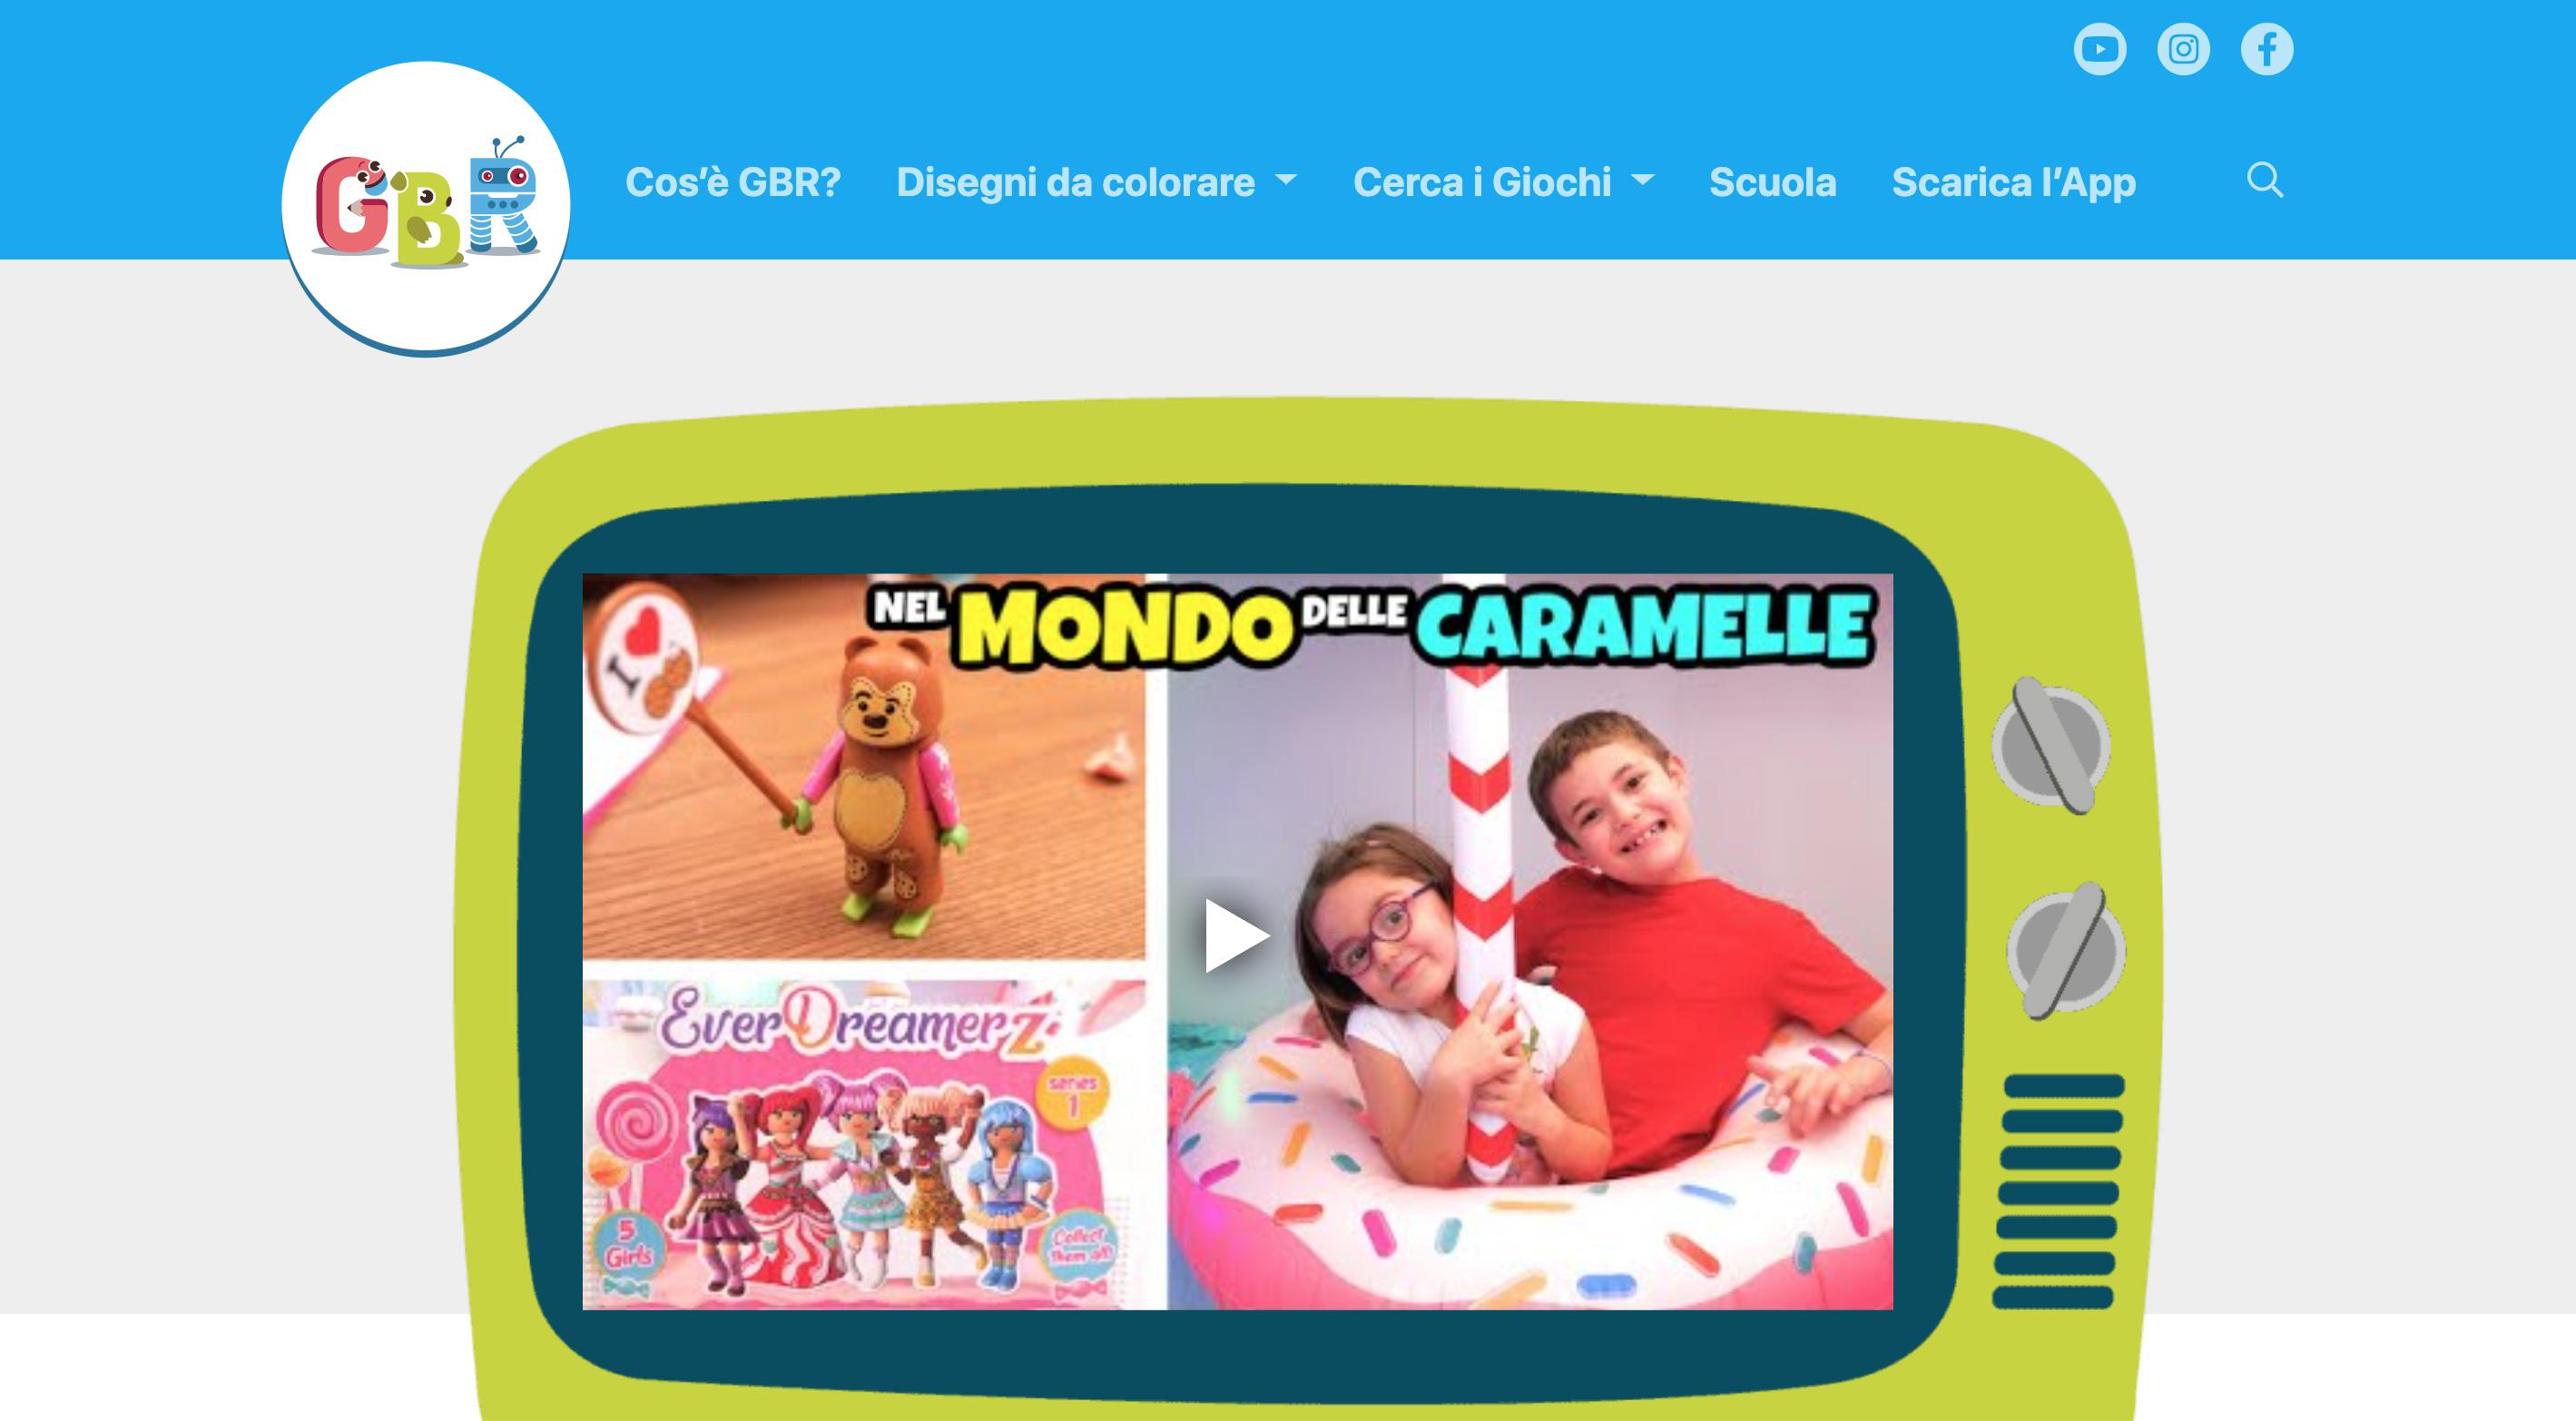 GBR negozio giocattoli online di giochi per bambini e ragazzi